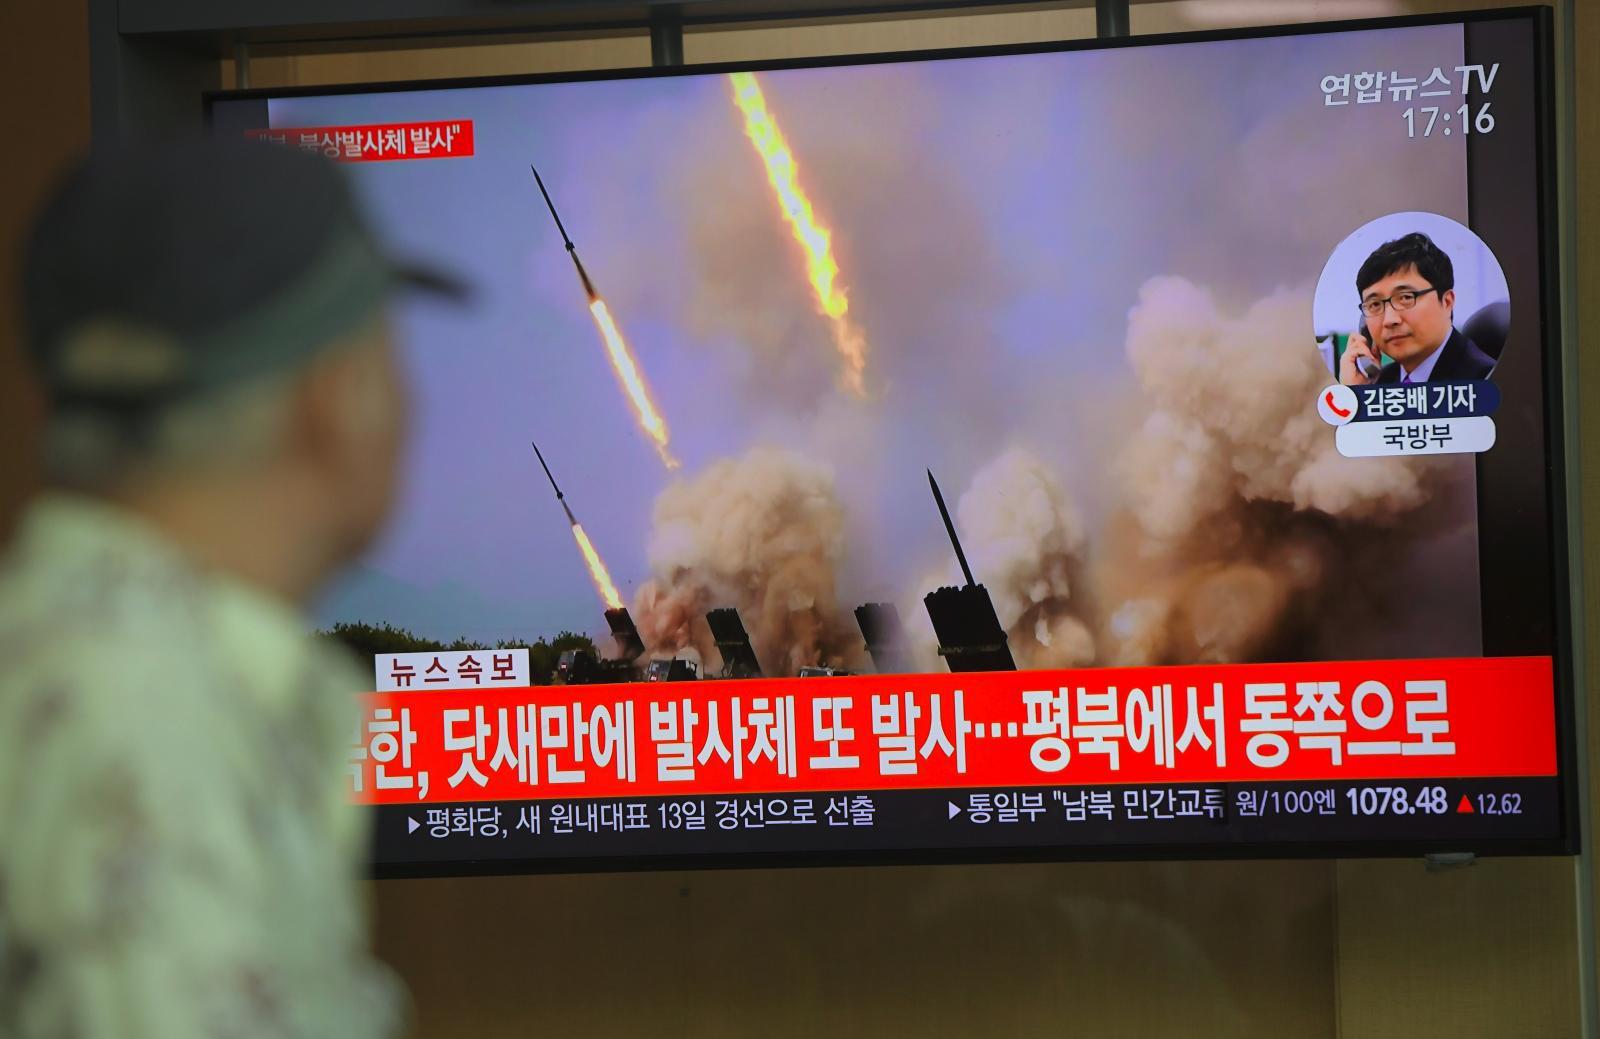 """""""คิม จอง อึน"""" สั่งกองทัพพร้อมรบ หลังสหรัฐฯยึดเรือบรรทุกสินค้าเกาหลีเหนือ"""